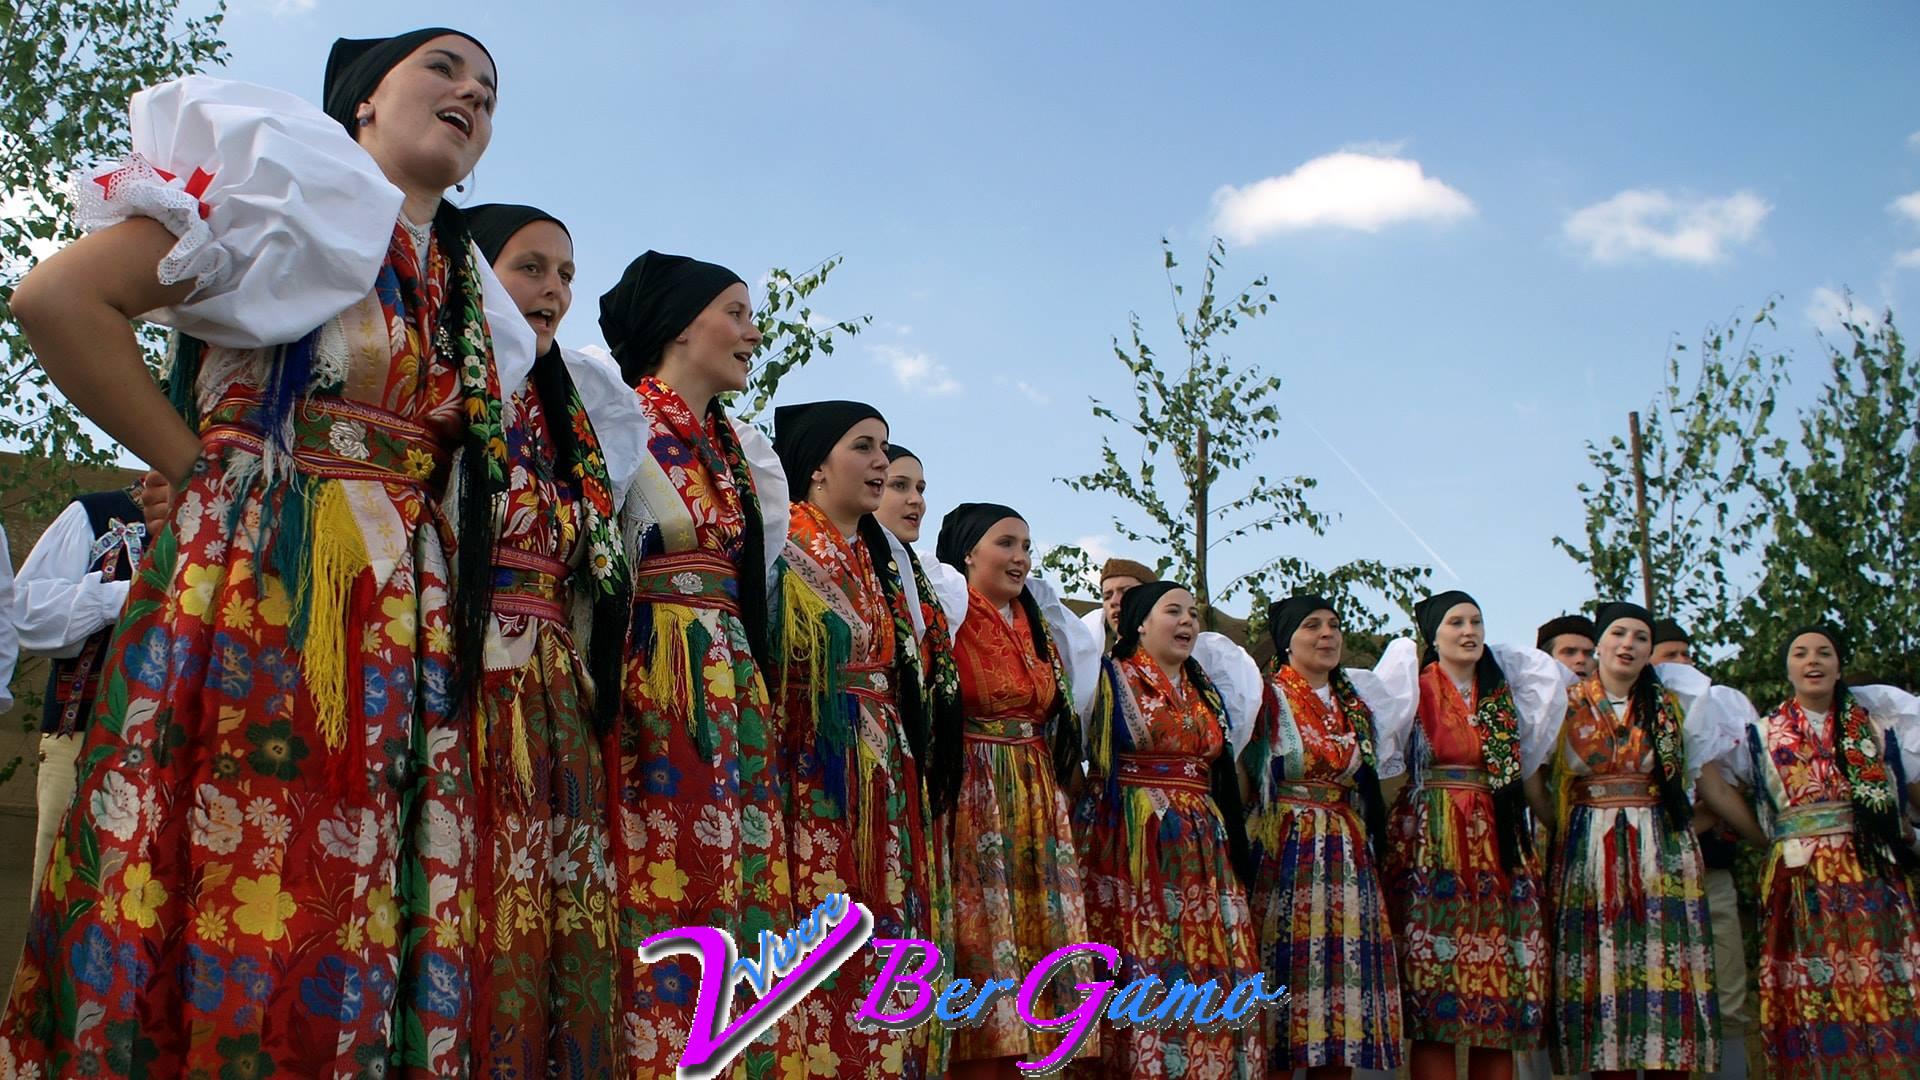 Il Gruppo folcloristico CHODSKÝ SOUBOR MRÁKOV